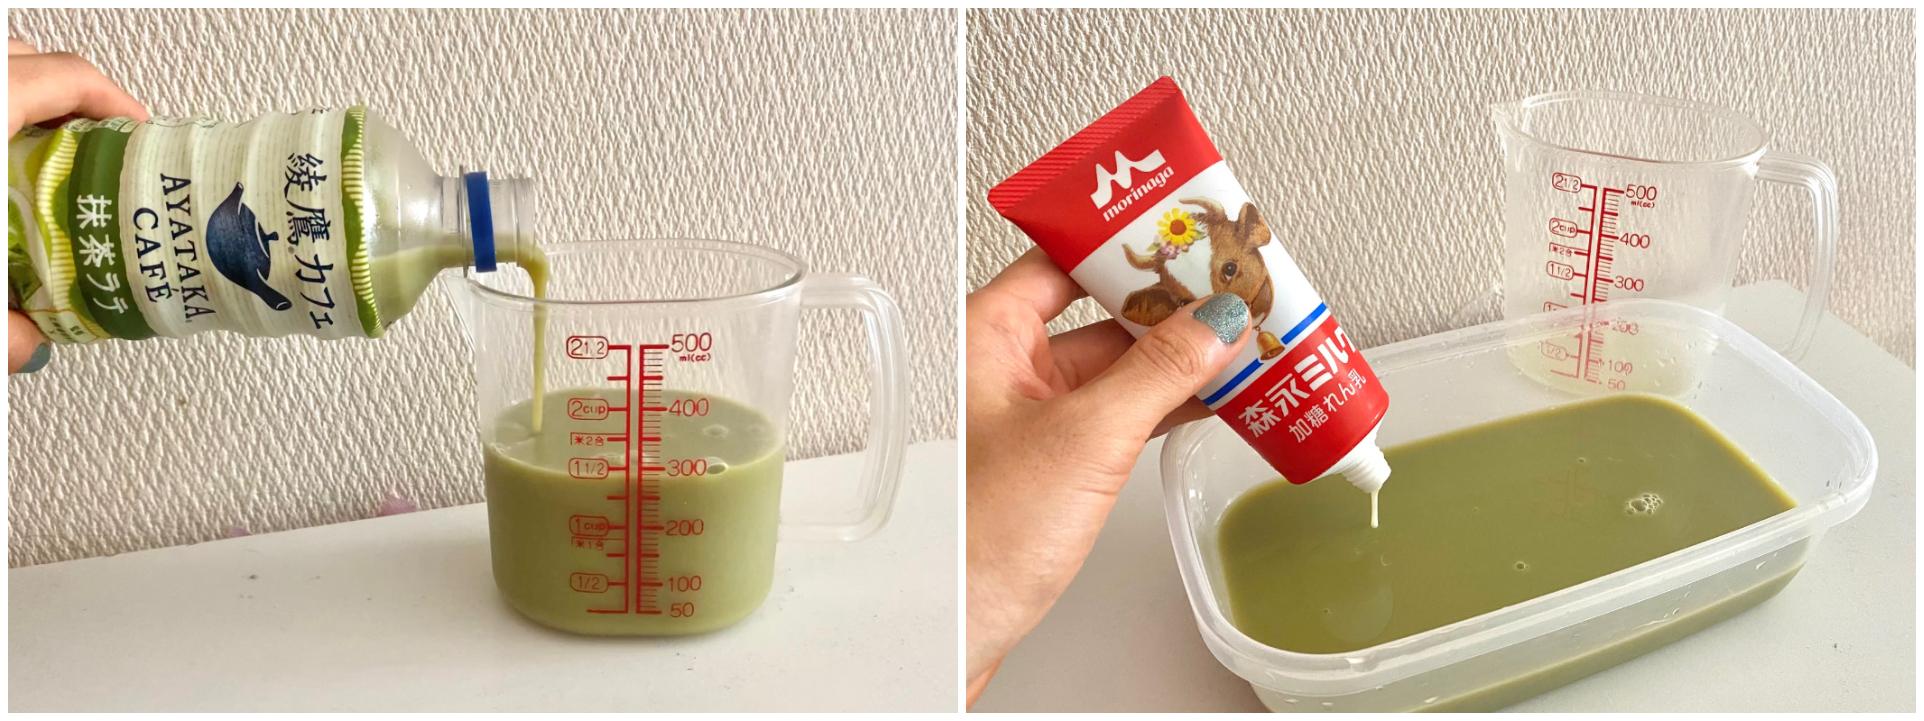 「綾鷹カフェ 抹茶ラテ」、かき氷風アレンジを作っている様子。